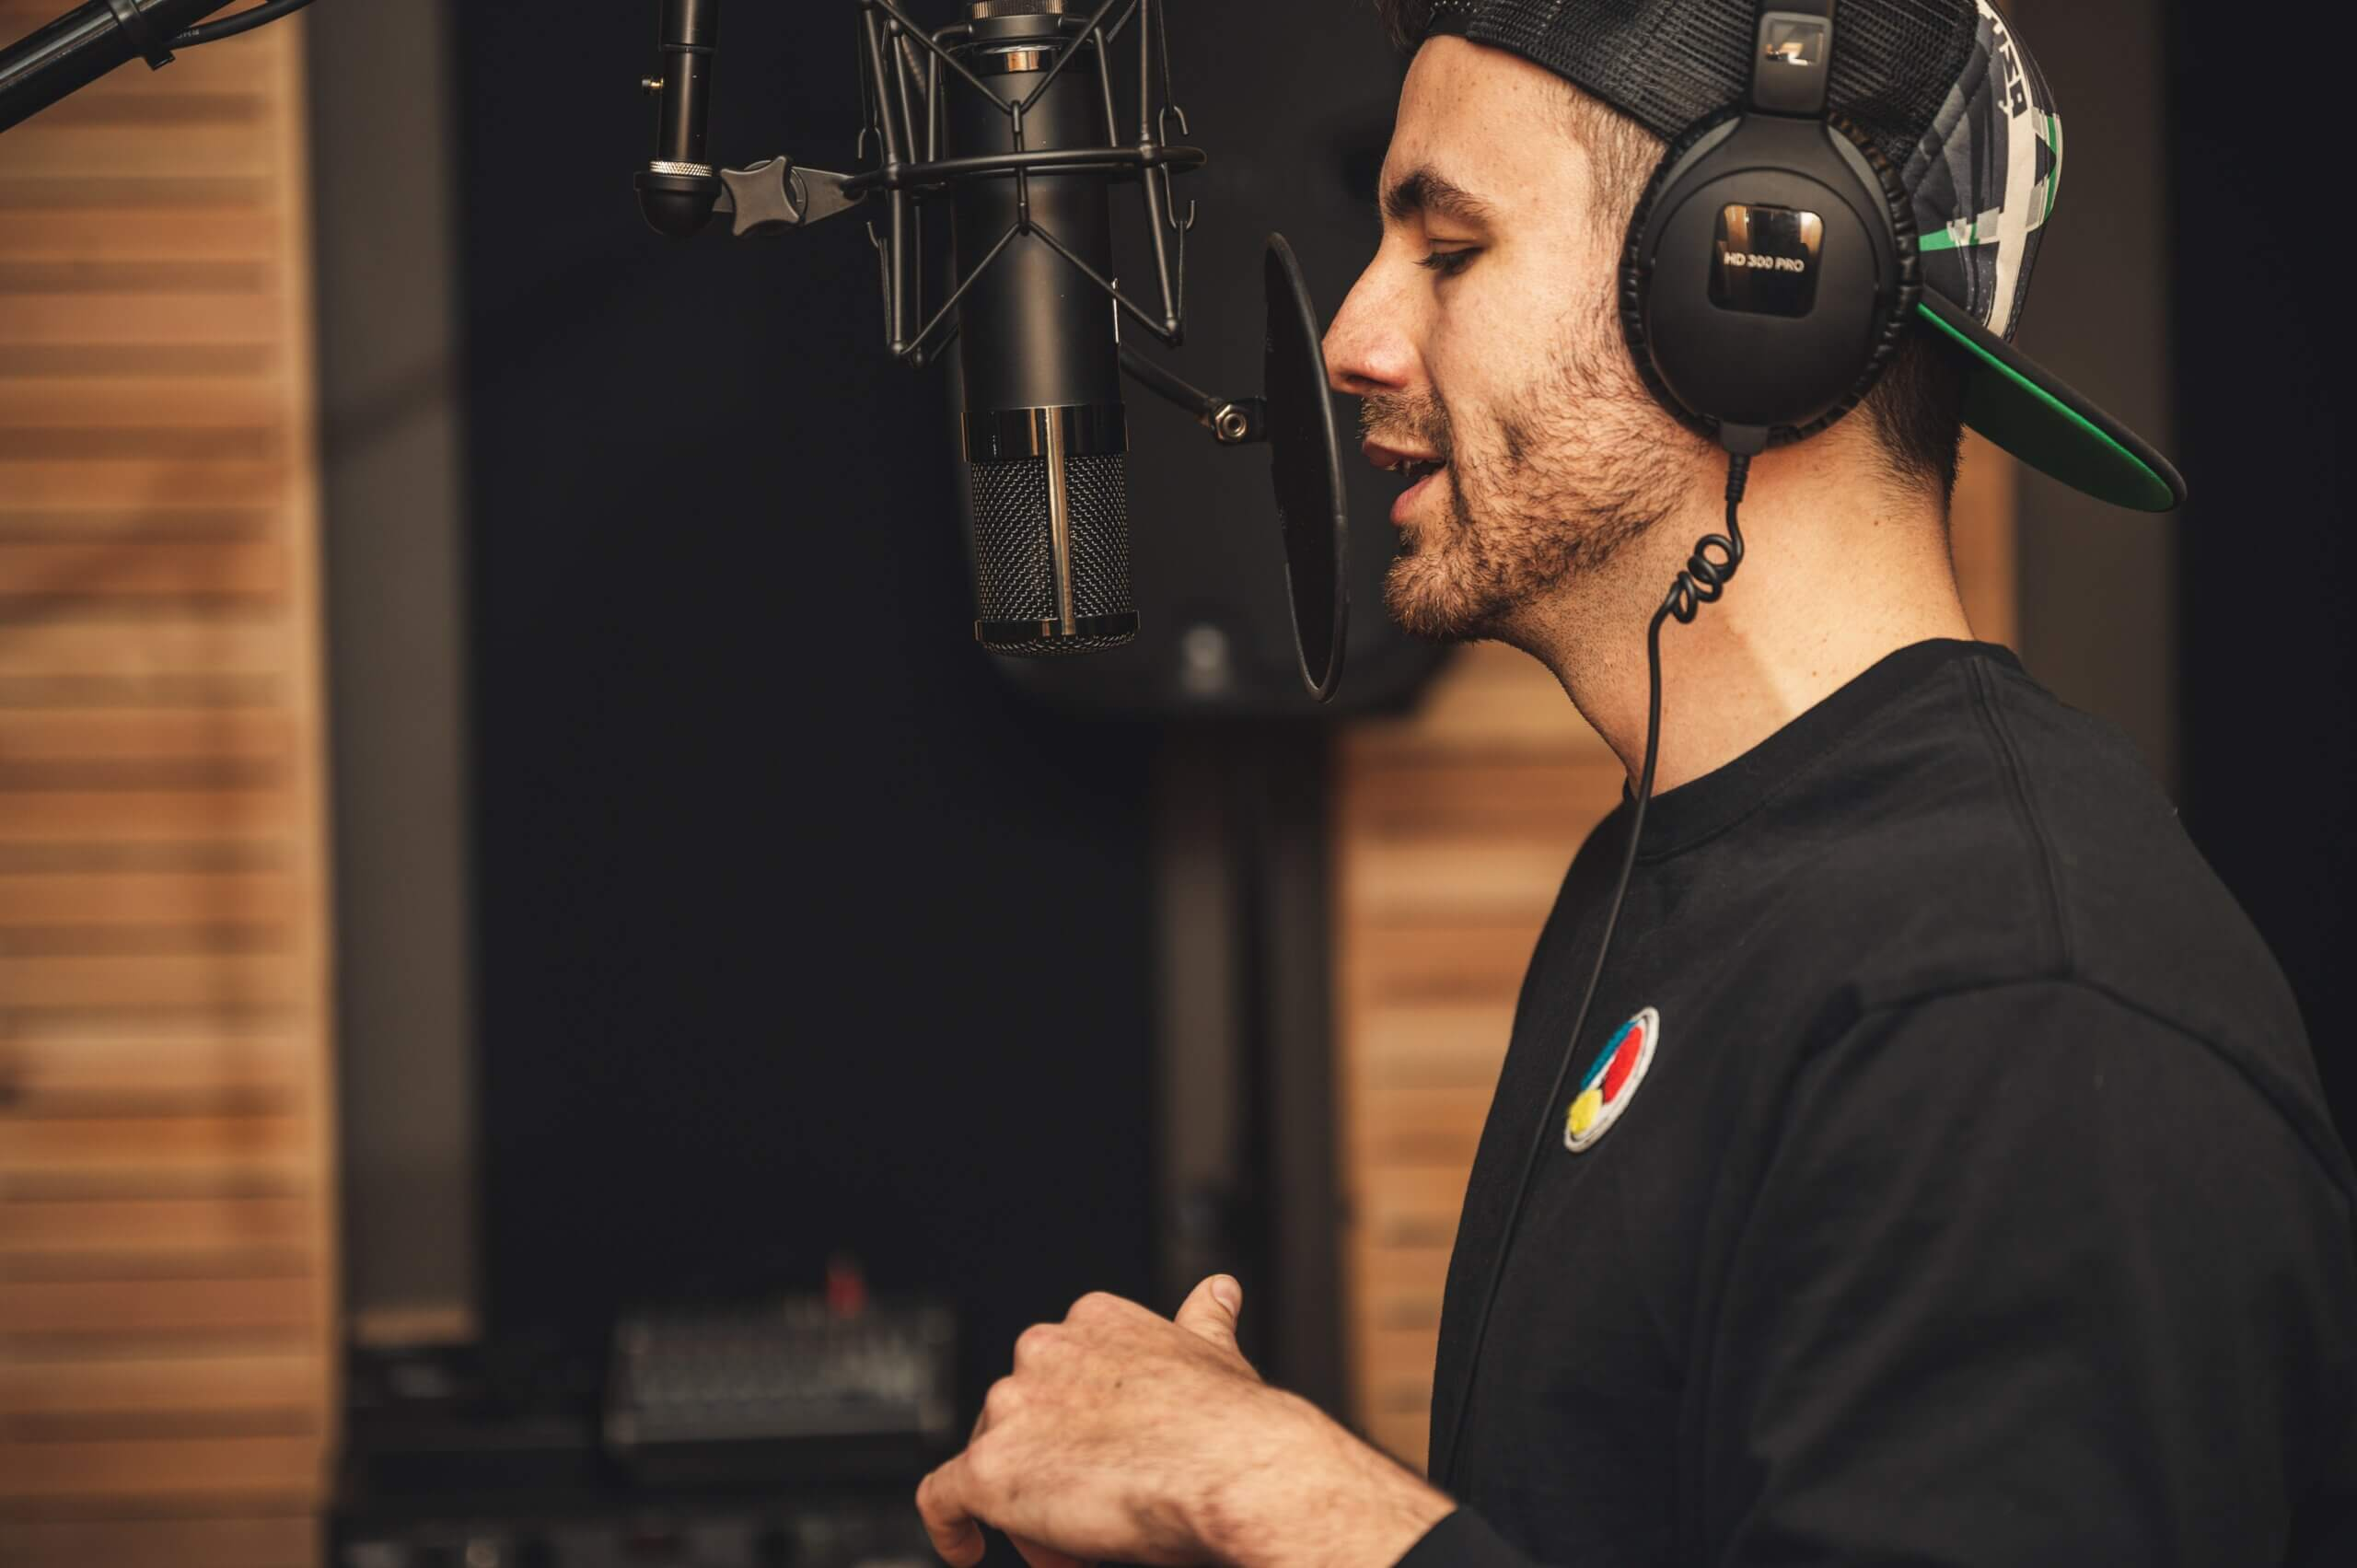 Best Studio Headphones Under 200